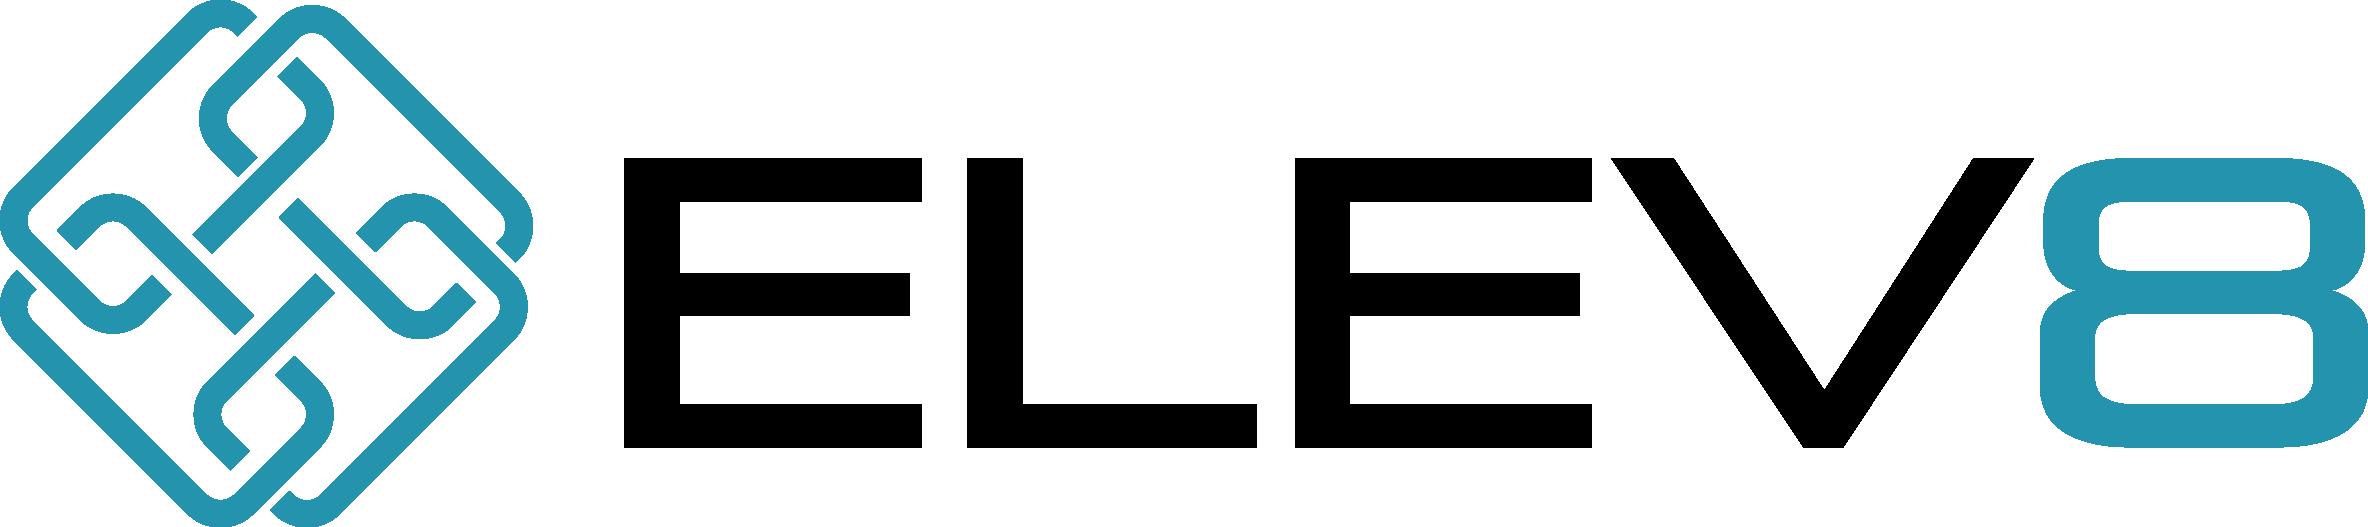 ELEV81